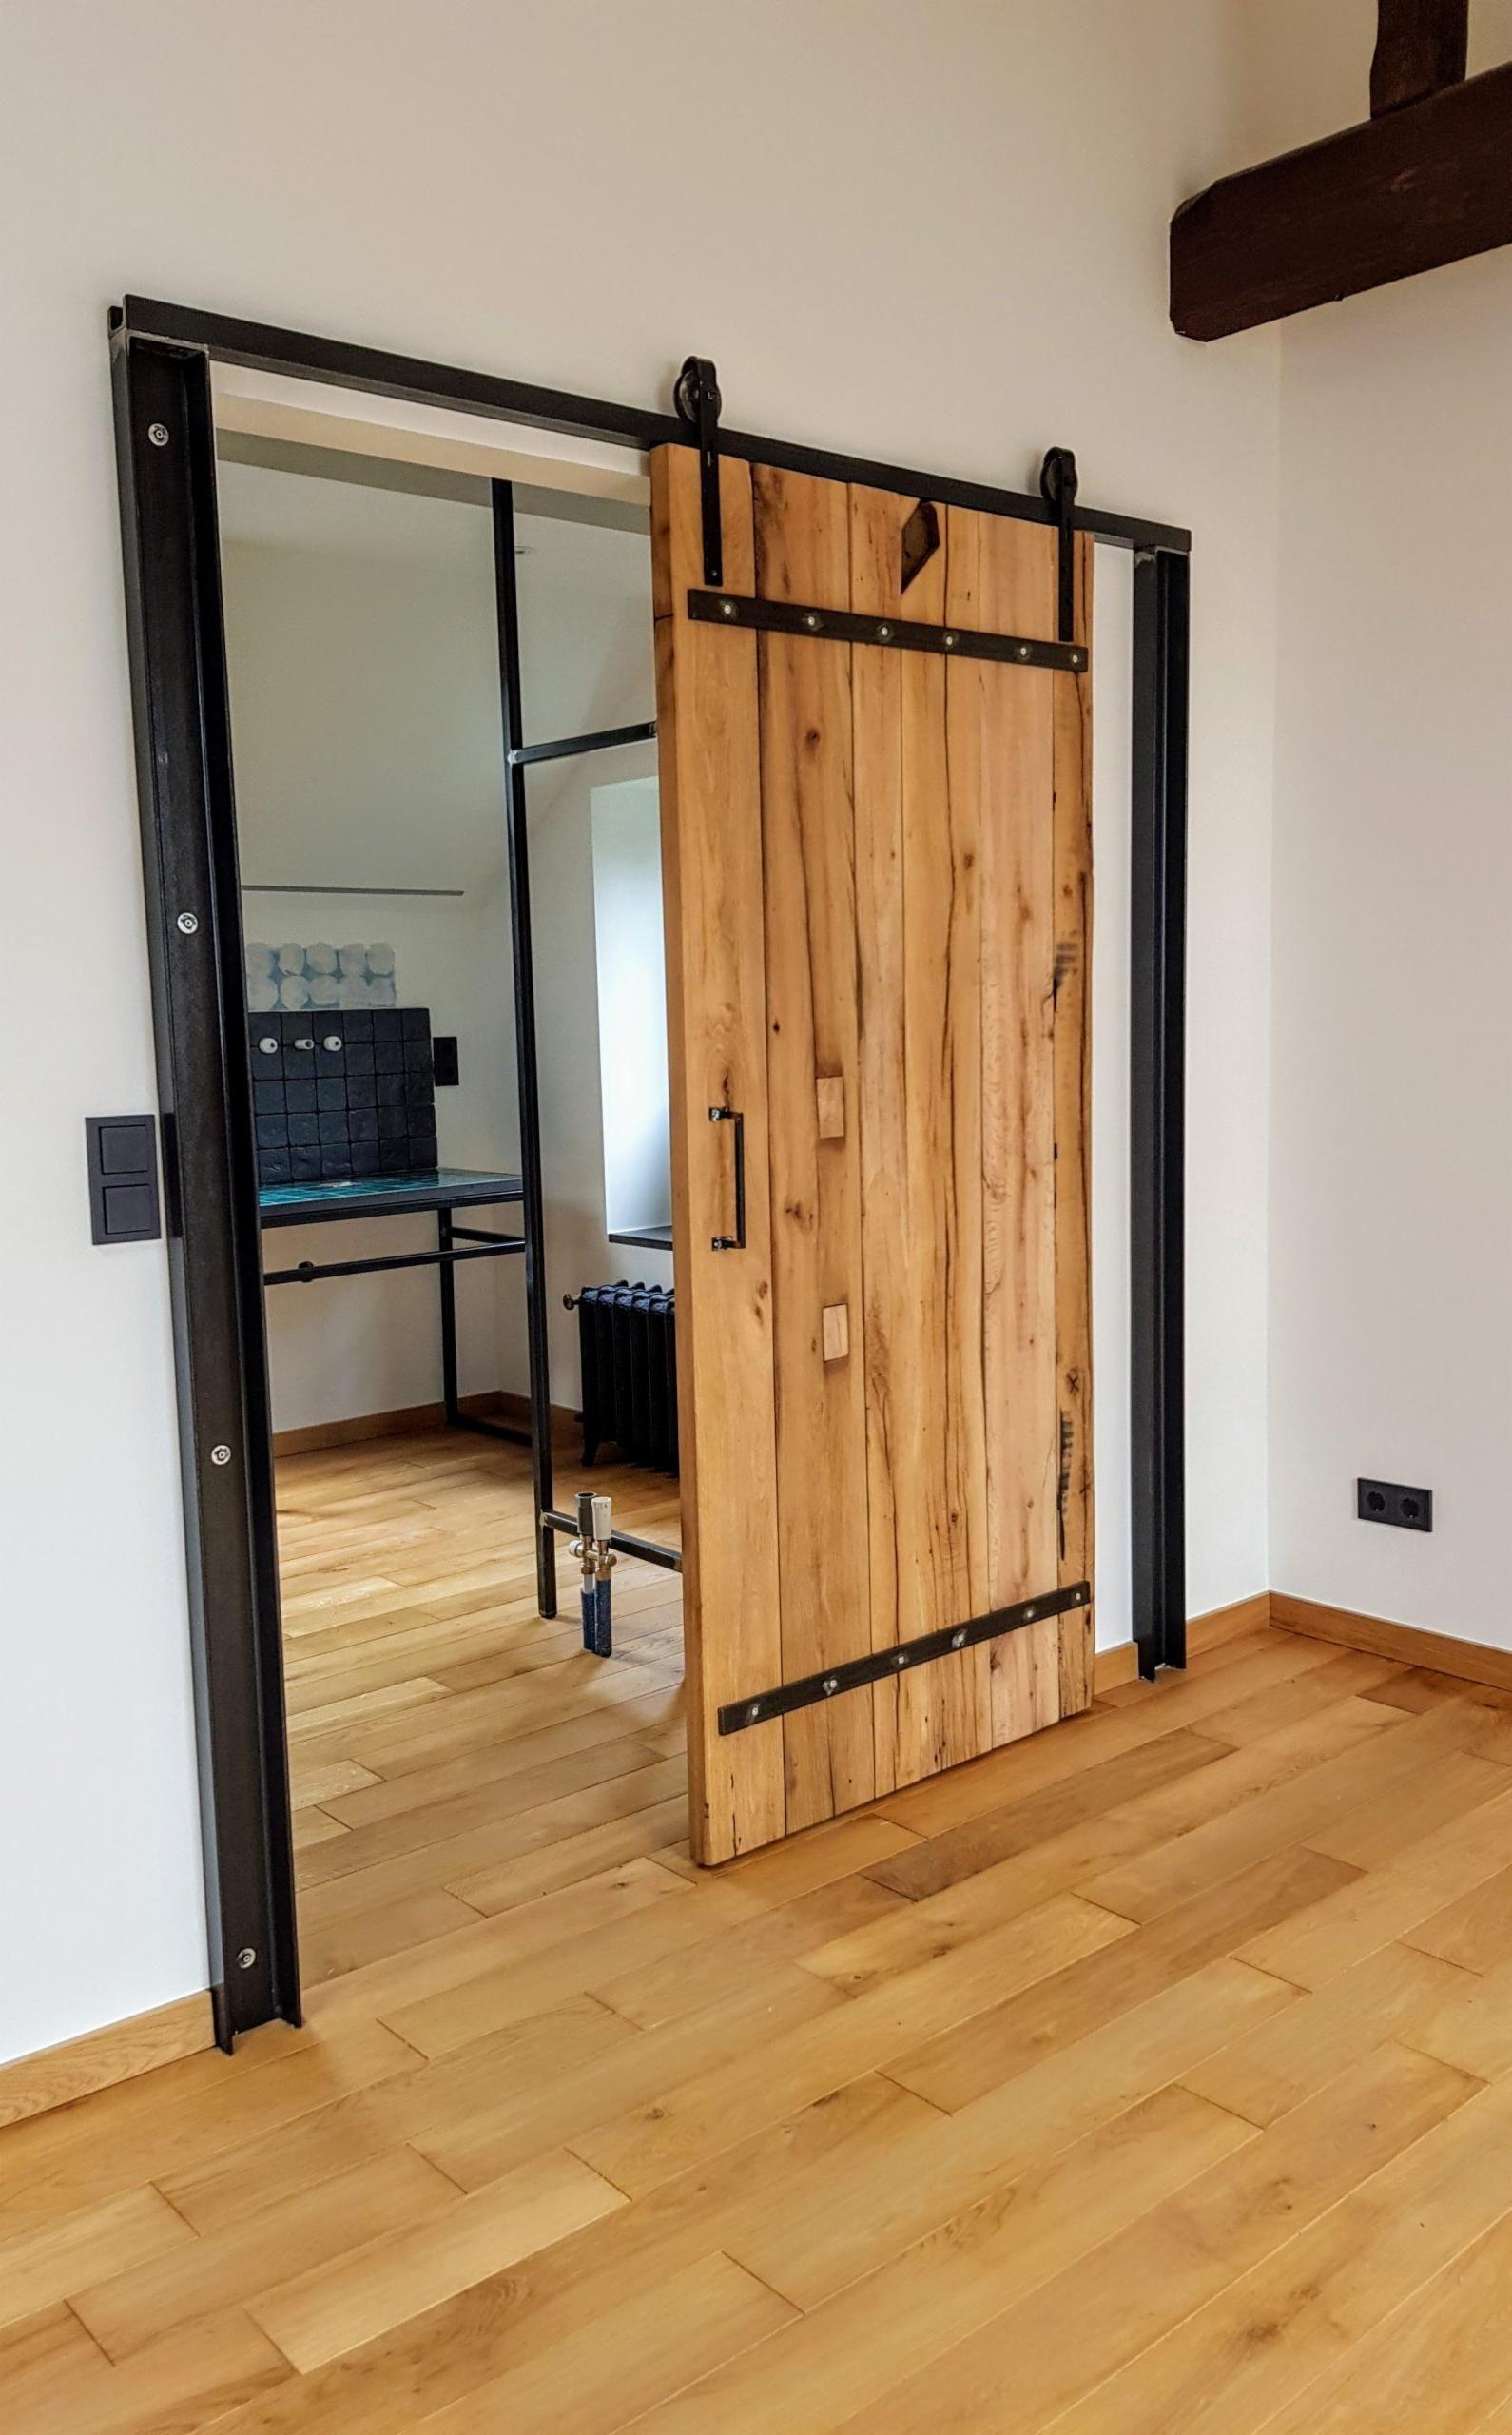 Schiebetür in rustikalem Holz #einfacheheimwerkerprojekte